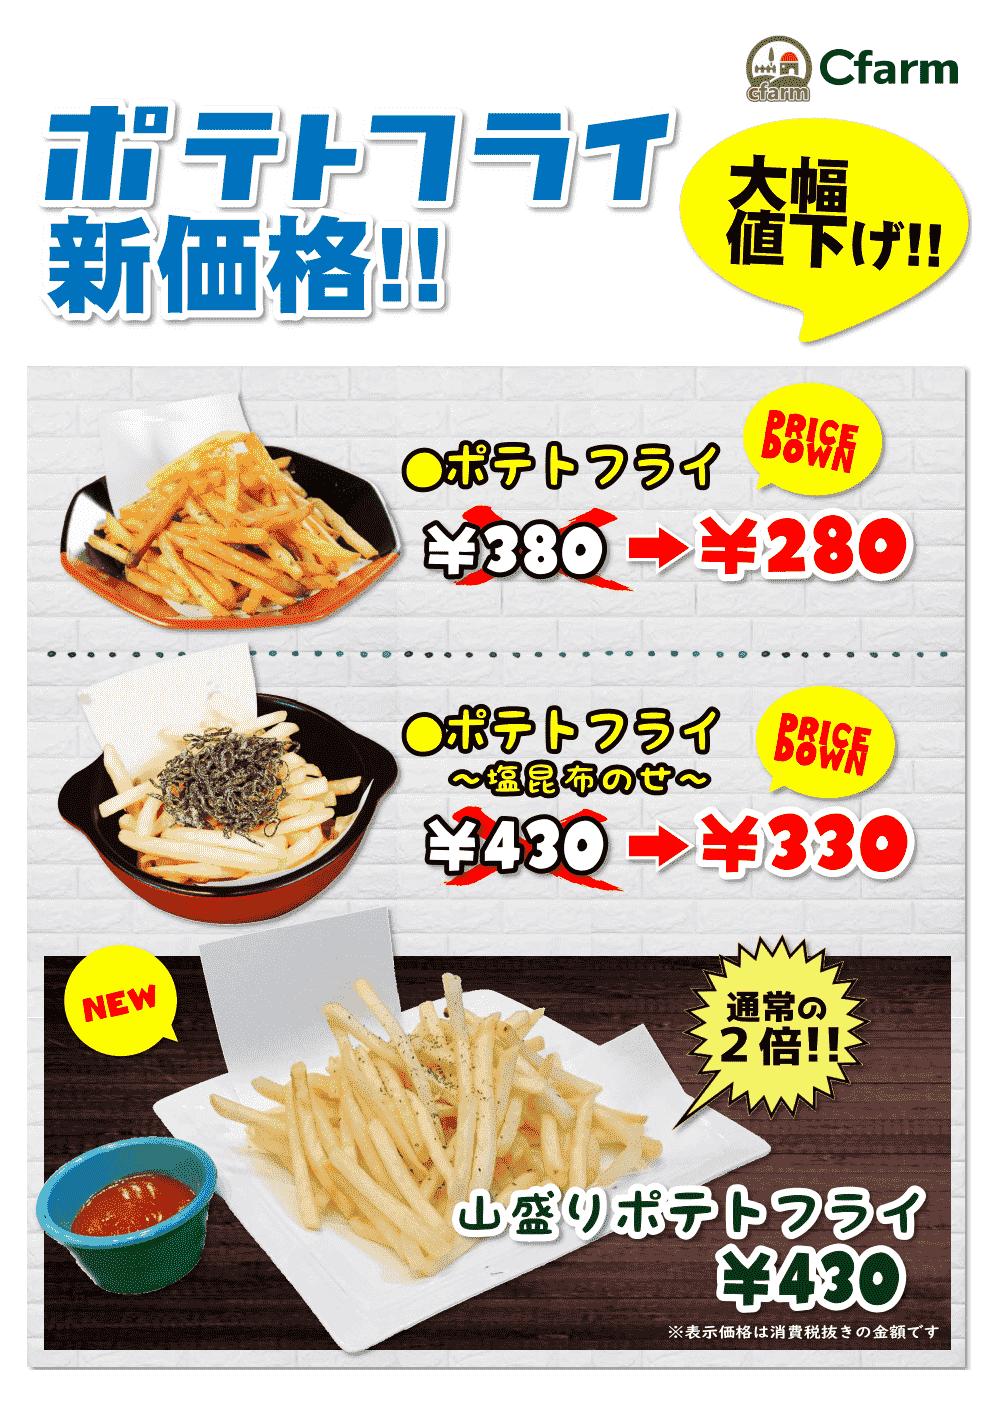 ポテトフライが安い!